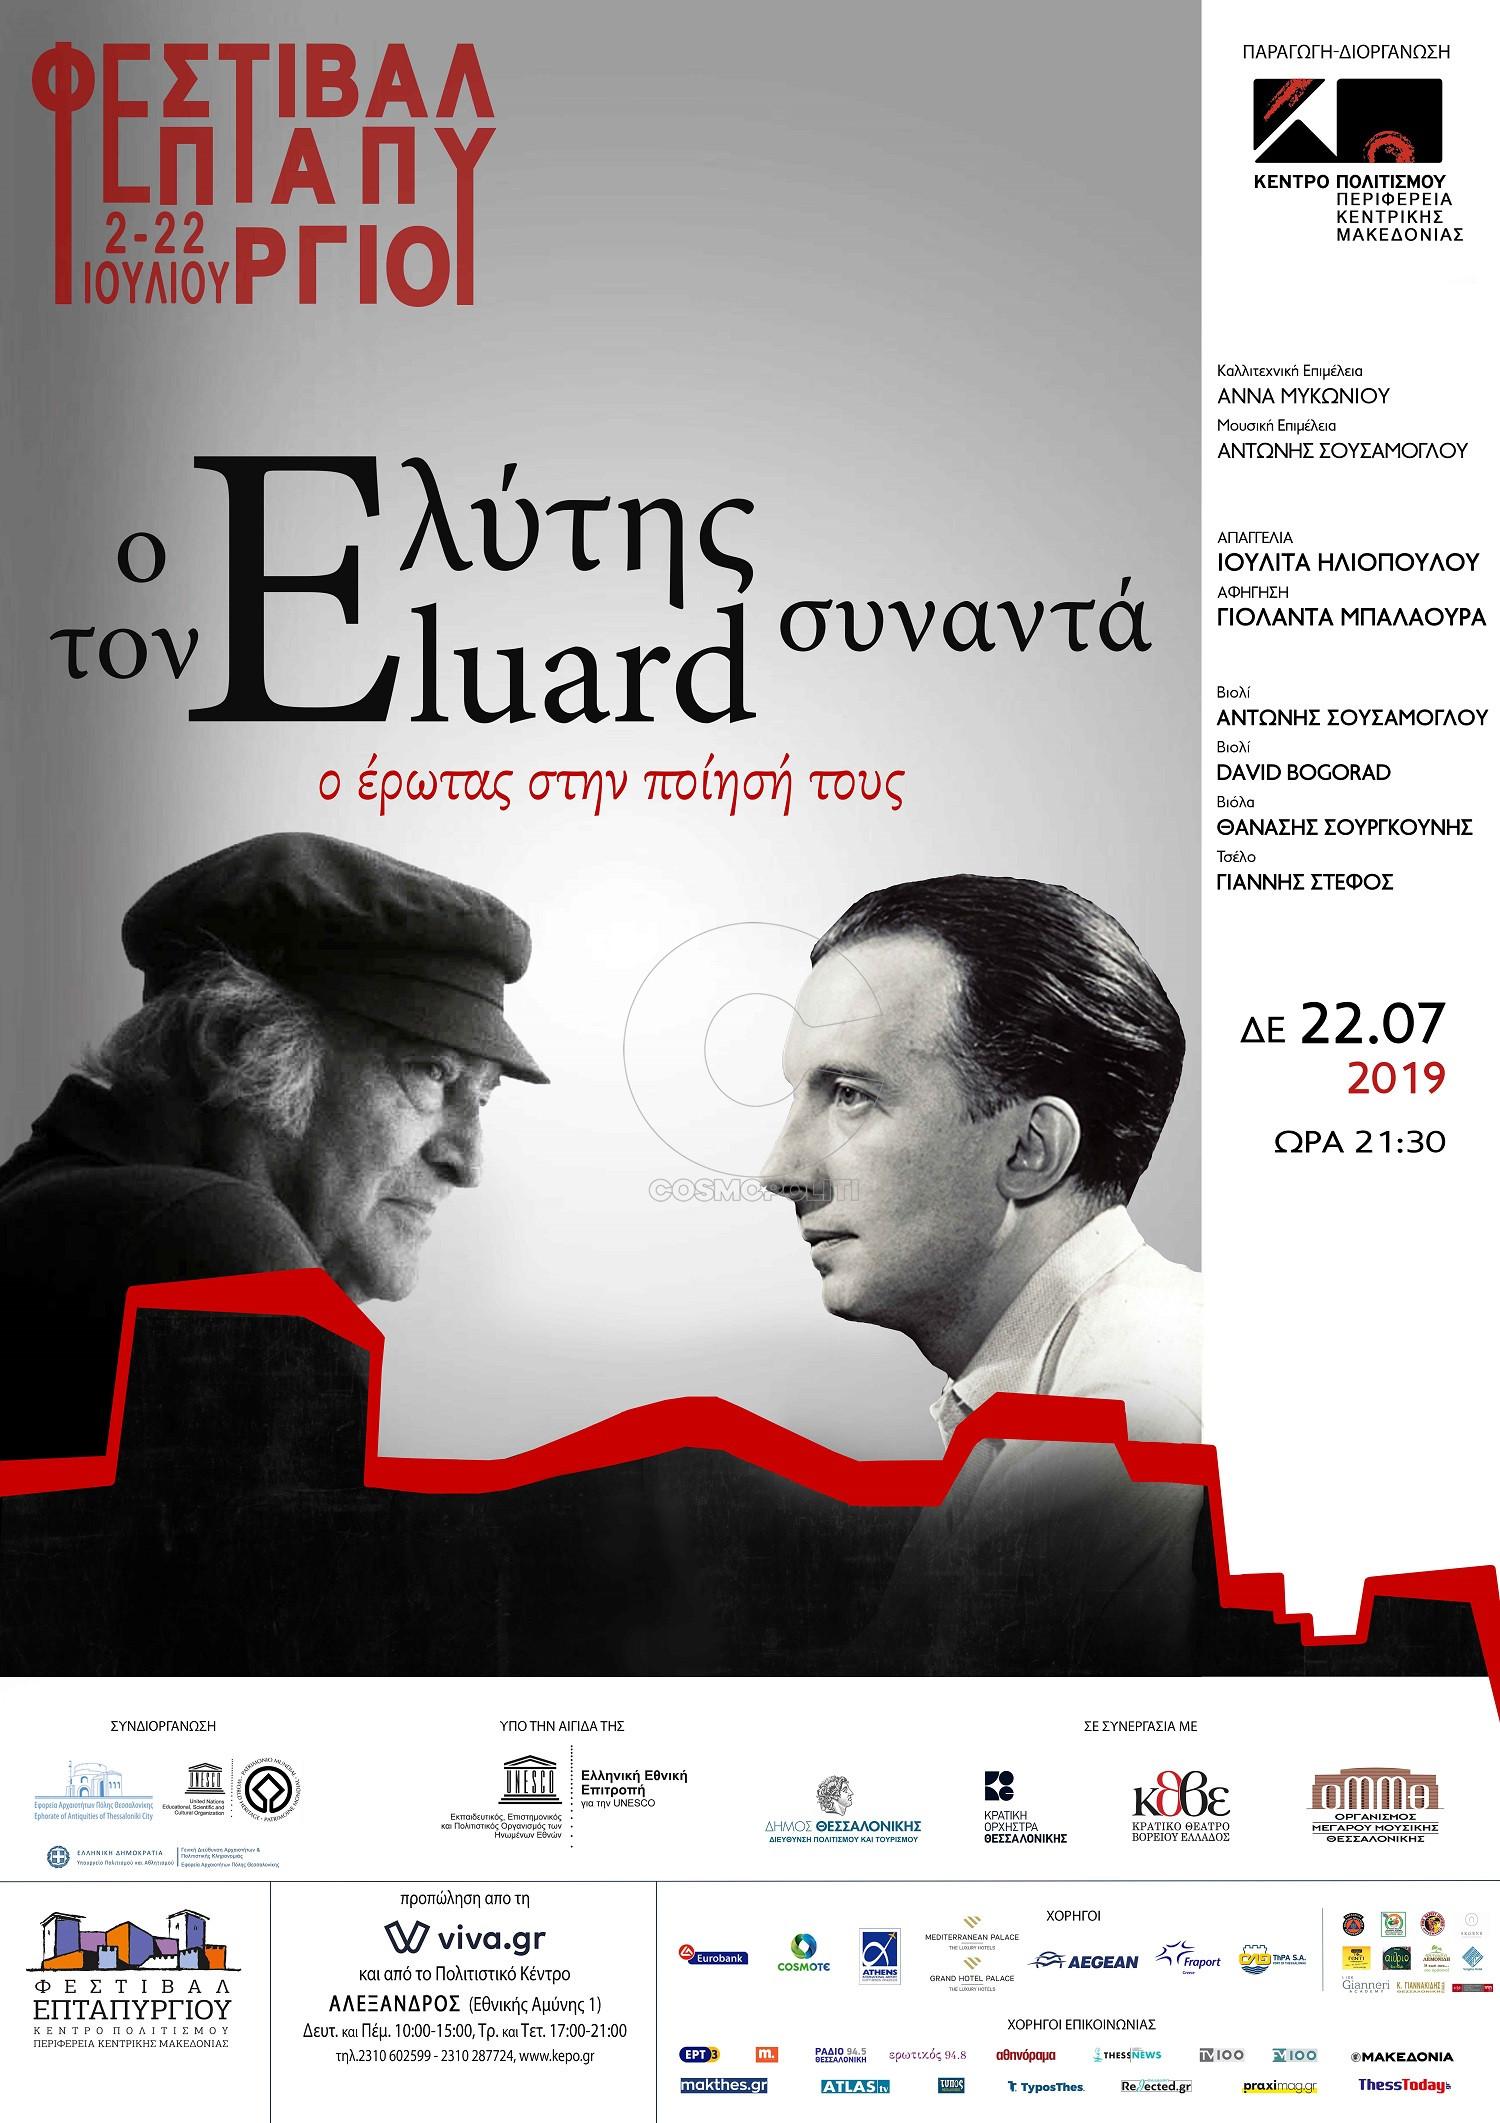 ΕΛΥΤΗΣ-ELUARD